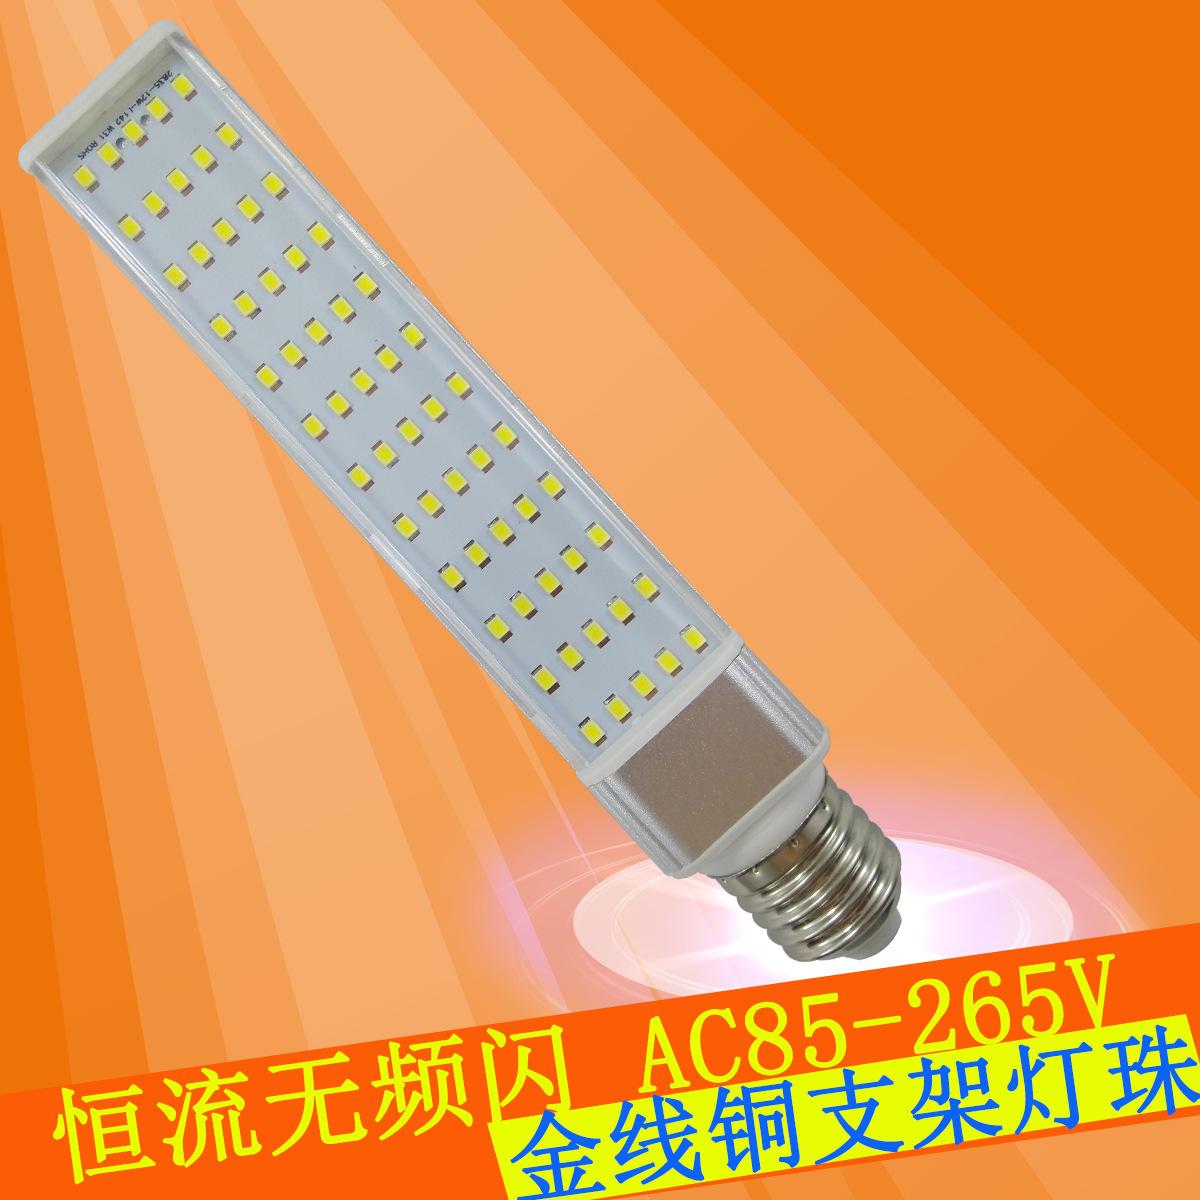 60灯12W正暖白高亮节能LED横插灯 恒耐灯具 三安光电